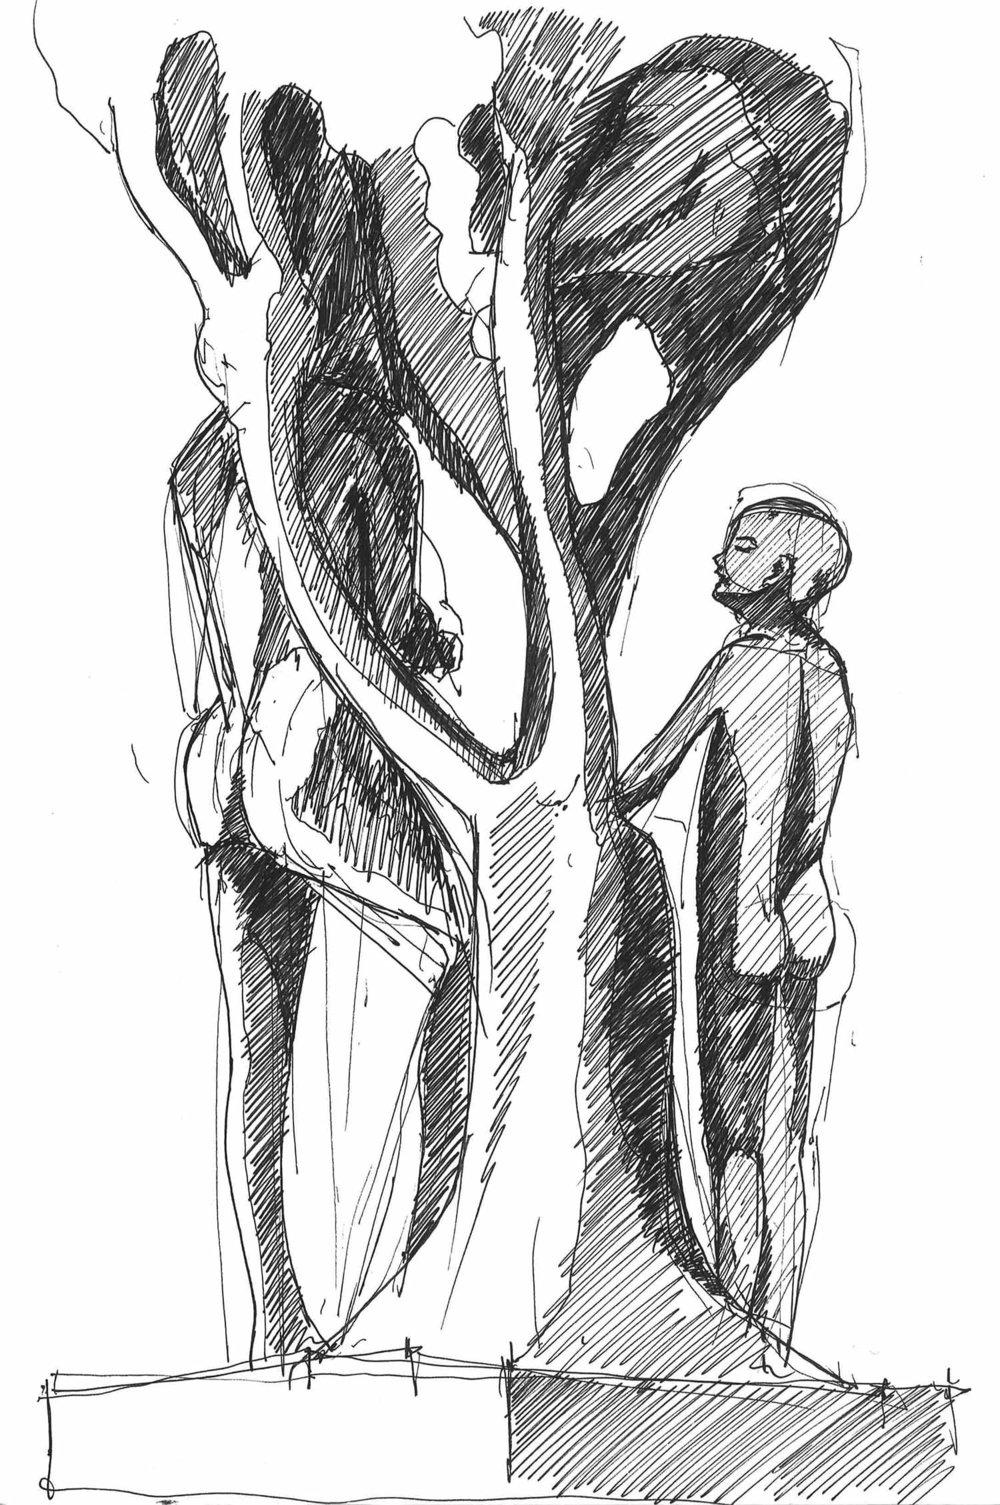 estatua oslo arvores.jpg